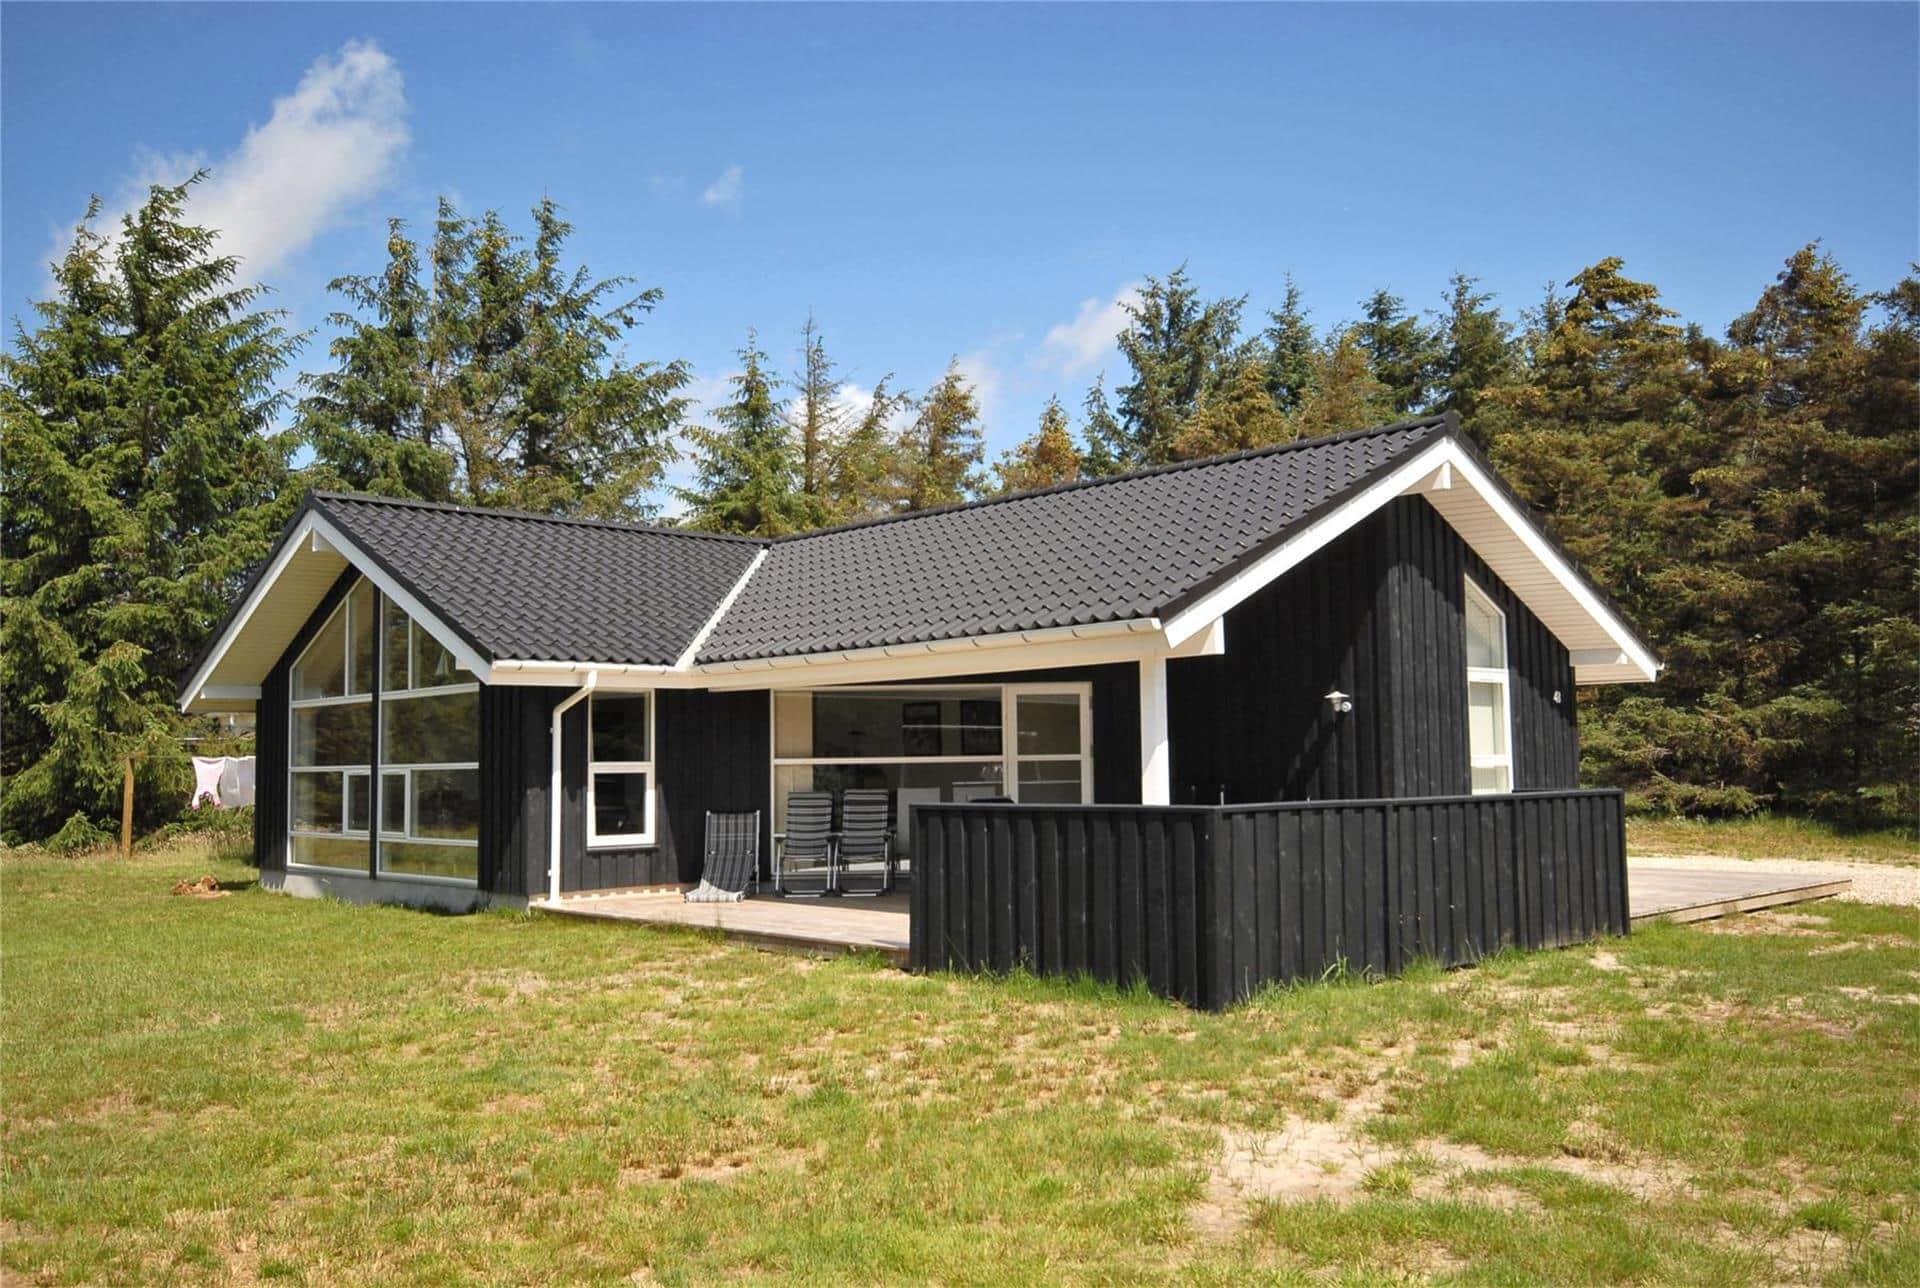 Billede 1-14 Sommerhus 423, Rødhusparken 48, DK - 9490 Pandrup